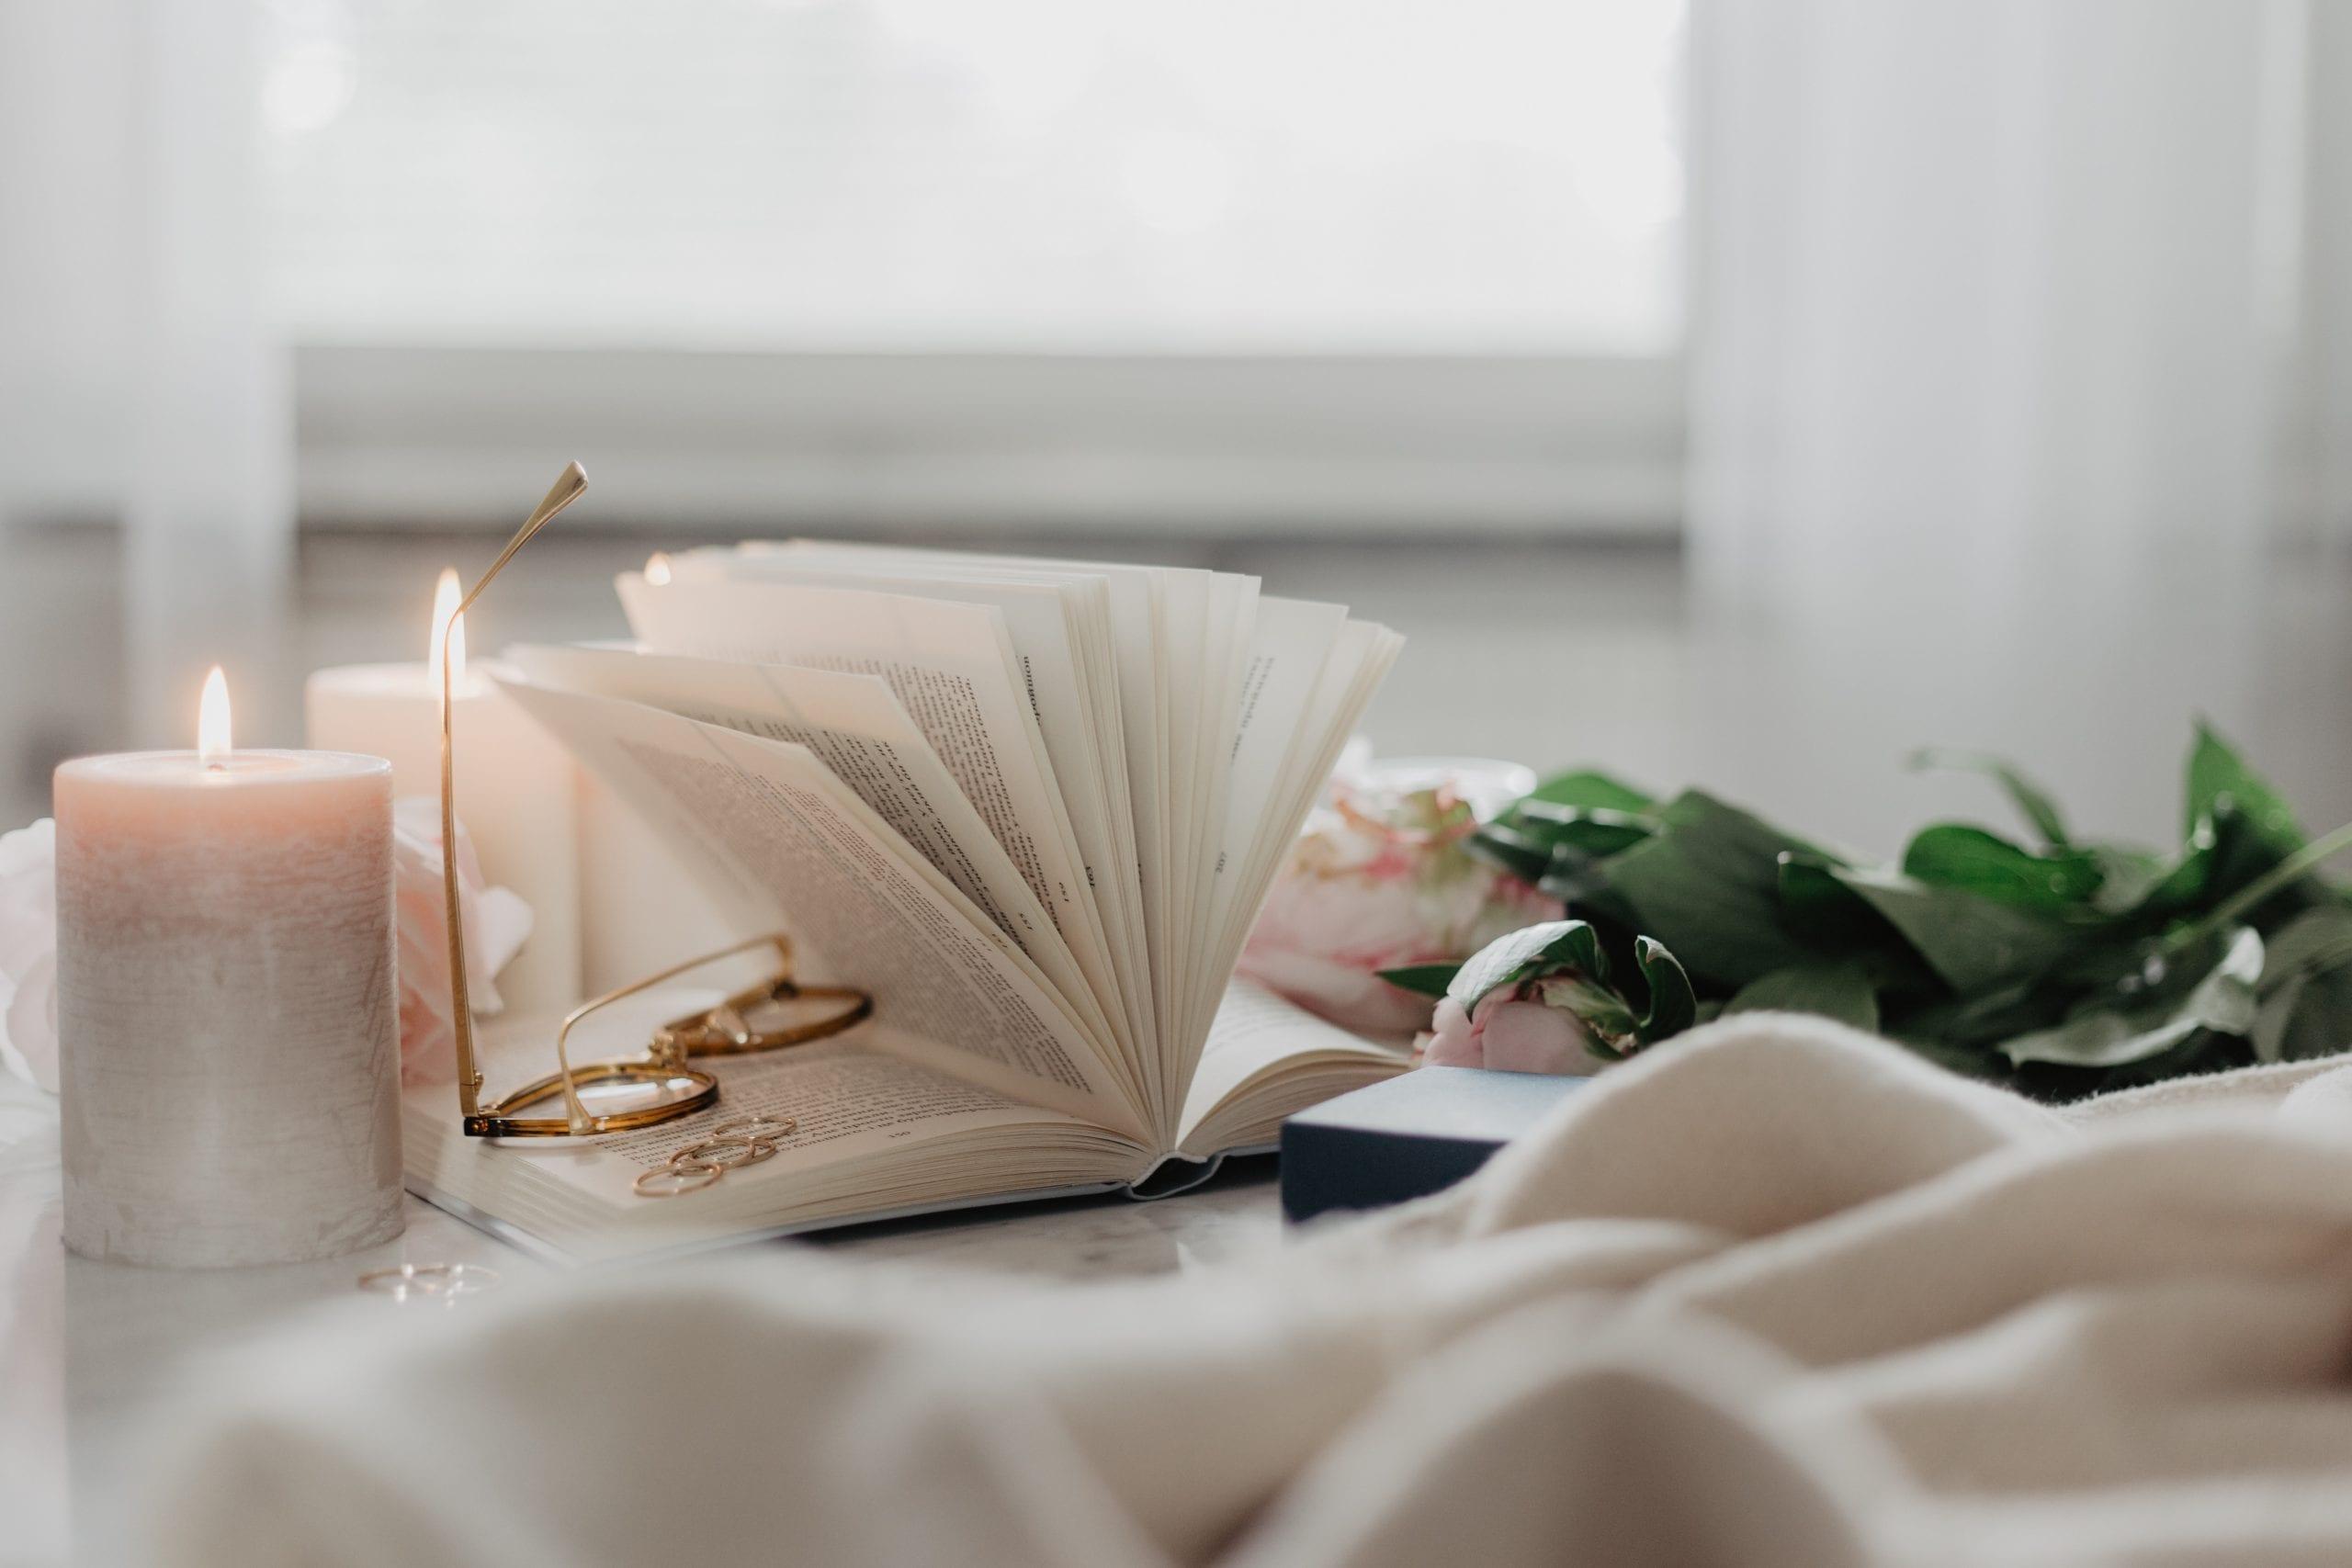 Buch bei Kerzenschein in der Raunacht am Ende des Jahres